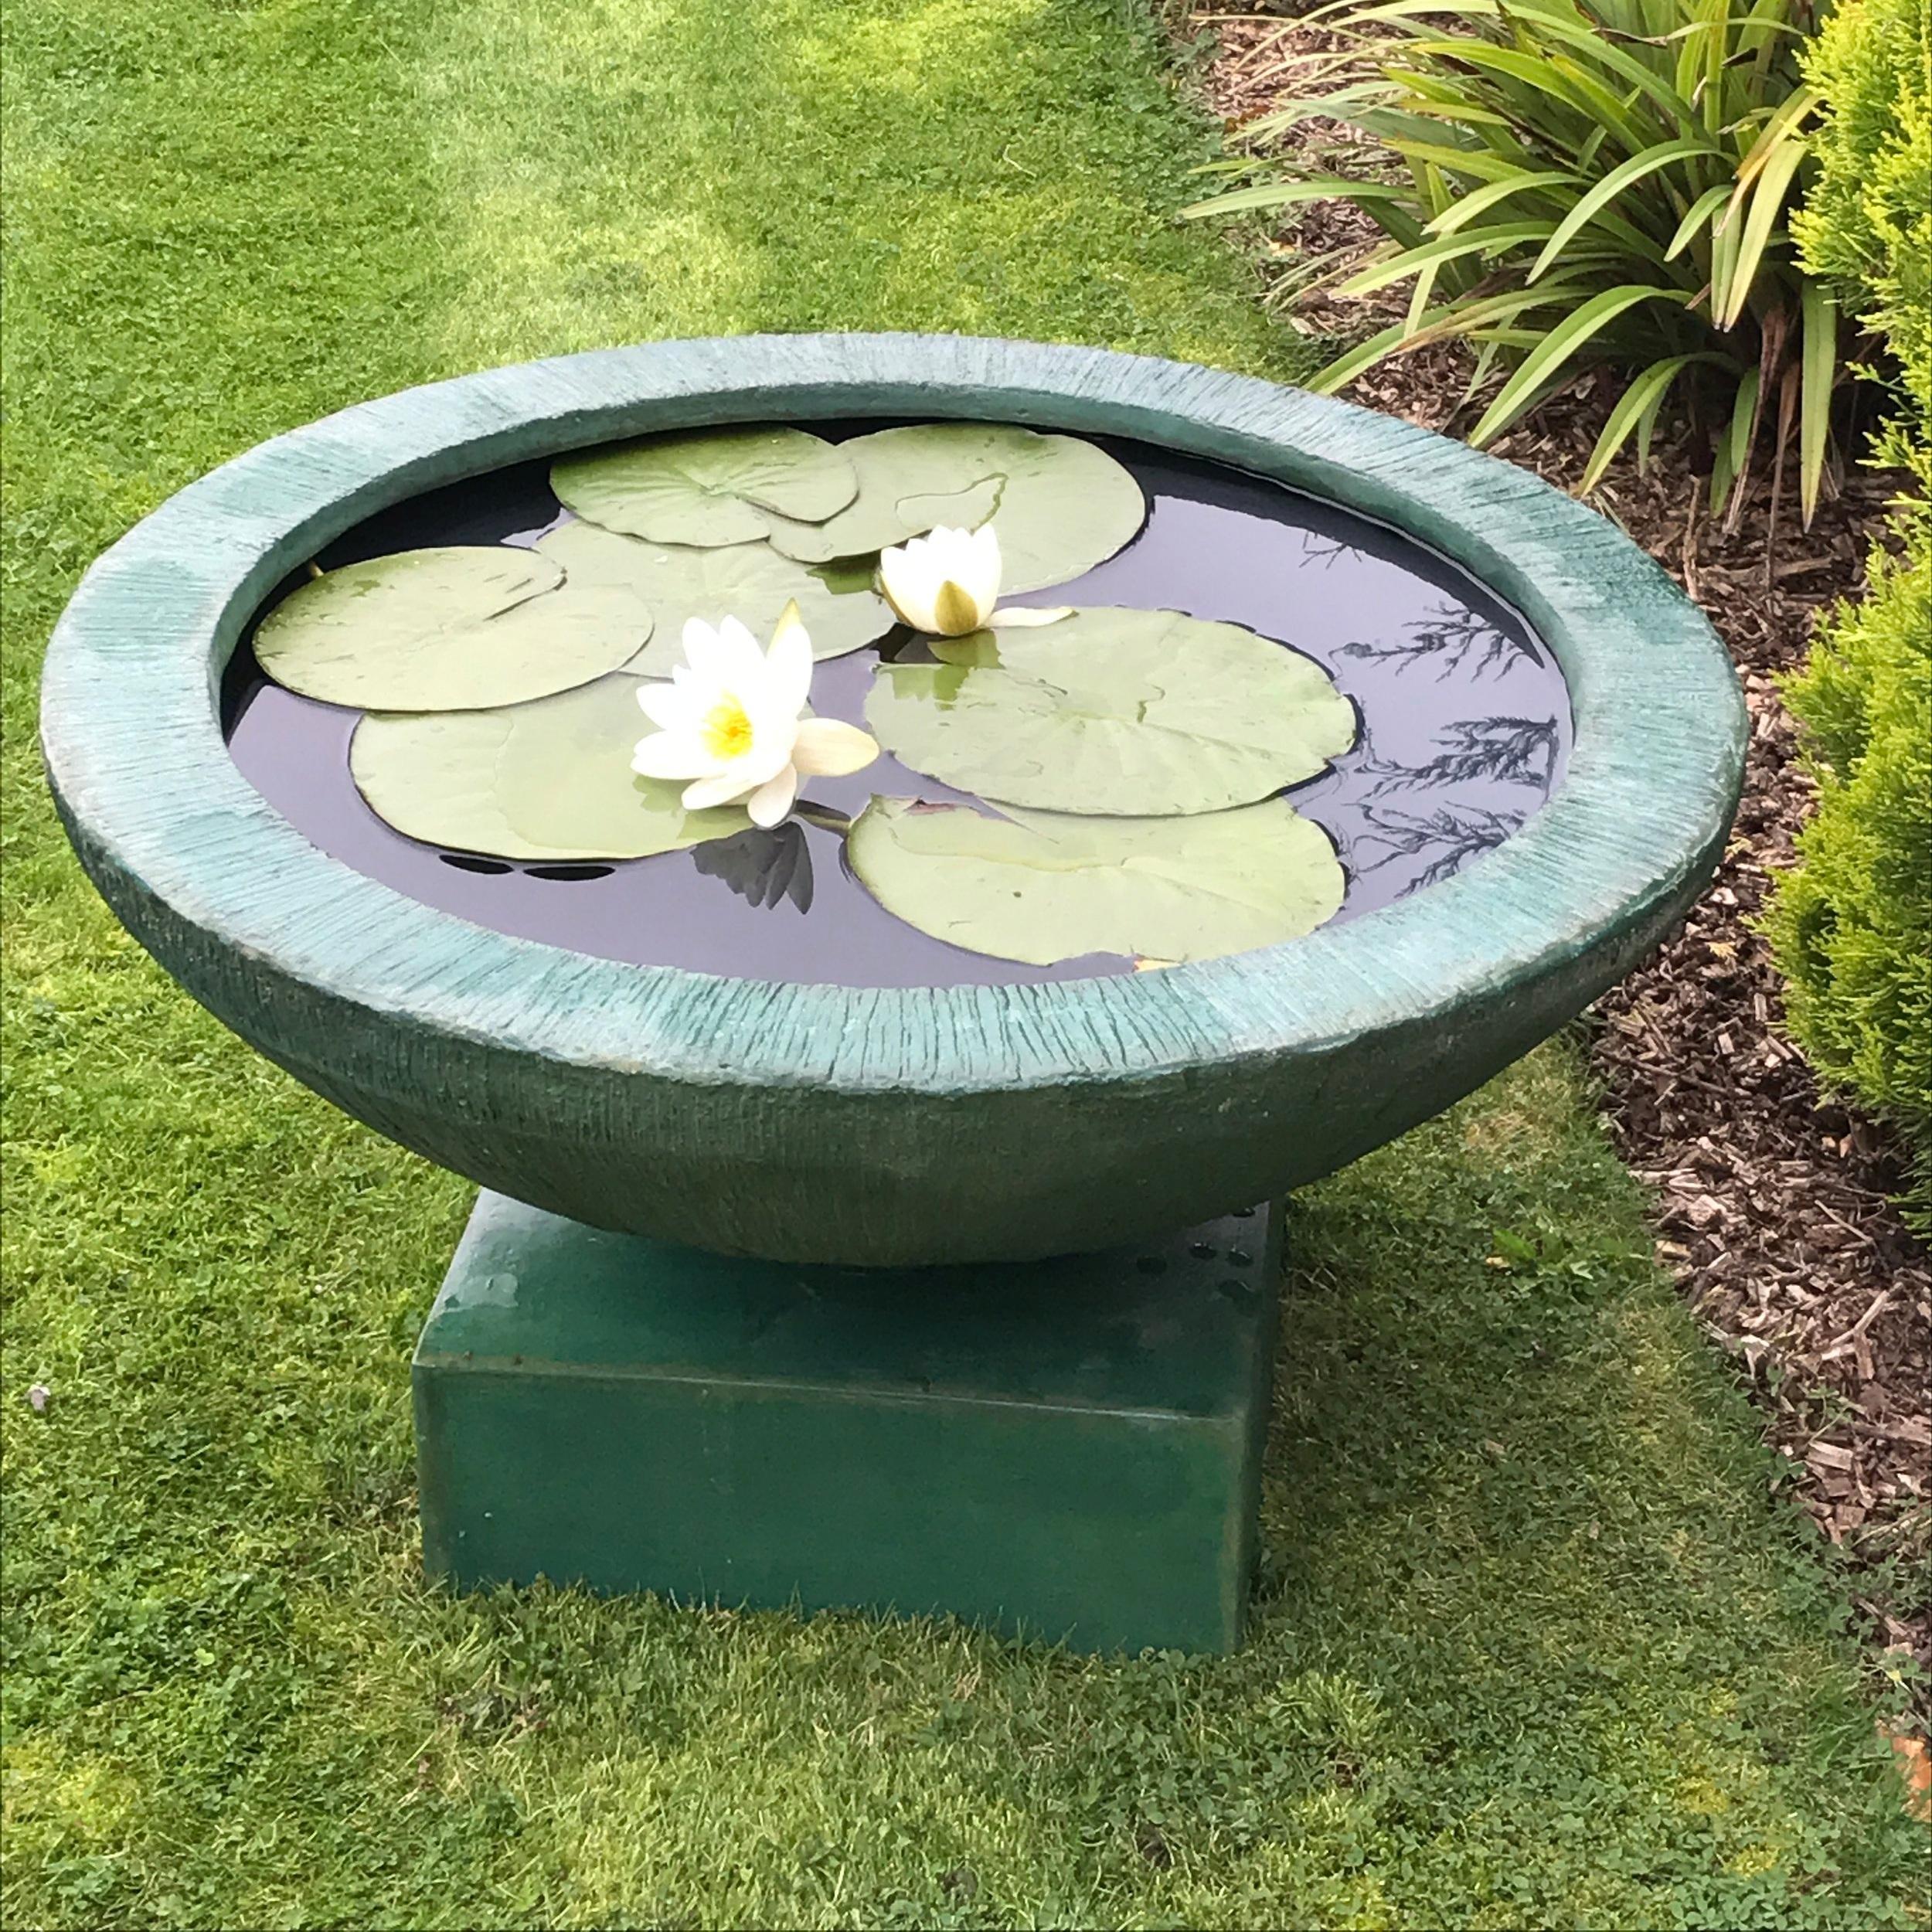 Lily Bowl Base Laminvale